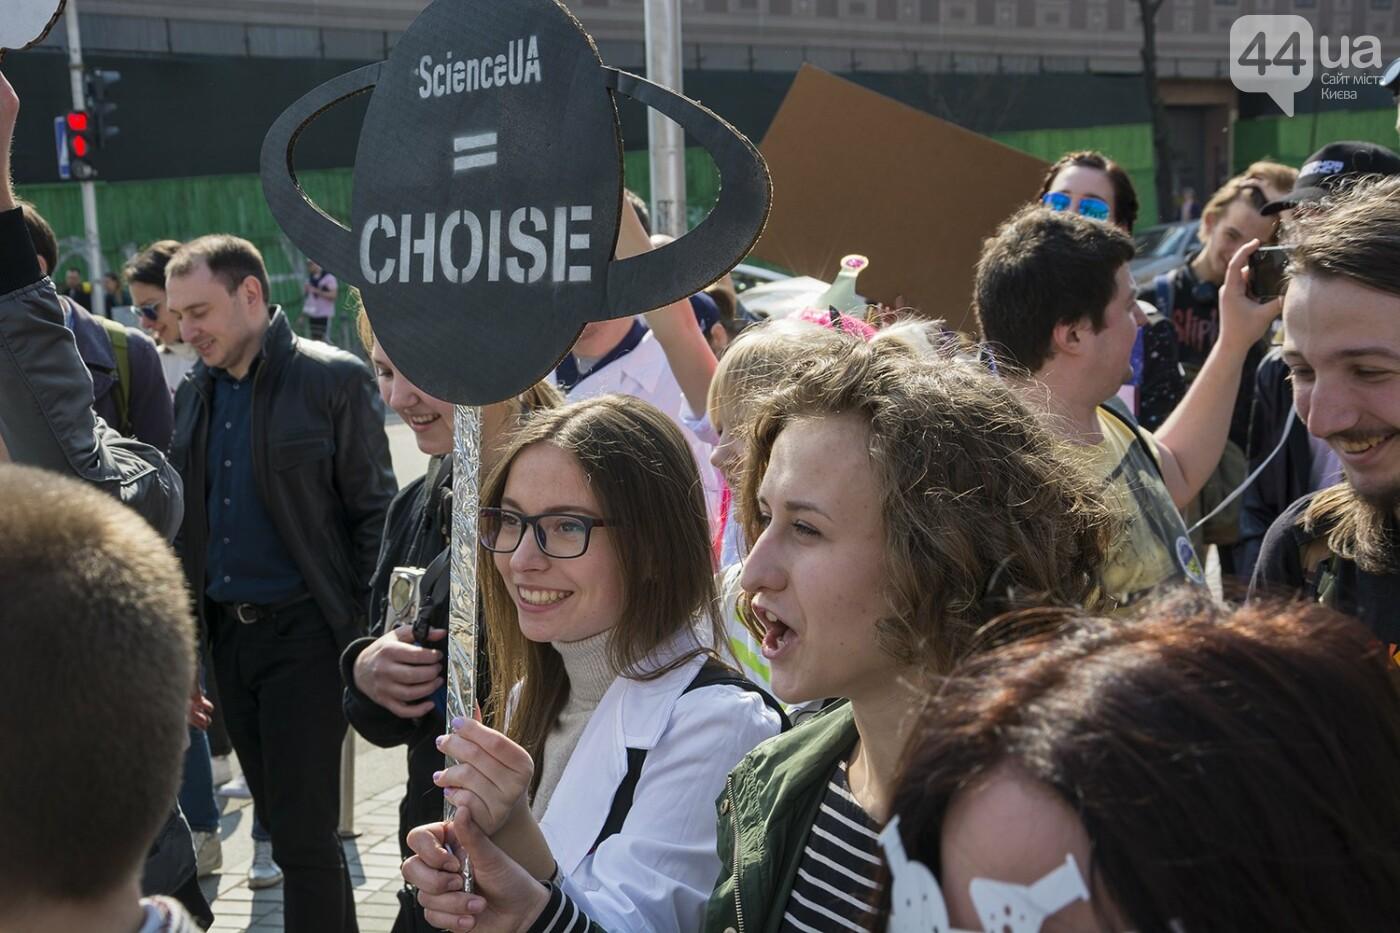 Ученые против мракобесия: в Киеве прошел марш за науку, фото-31